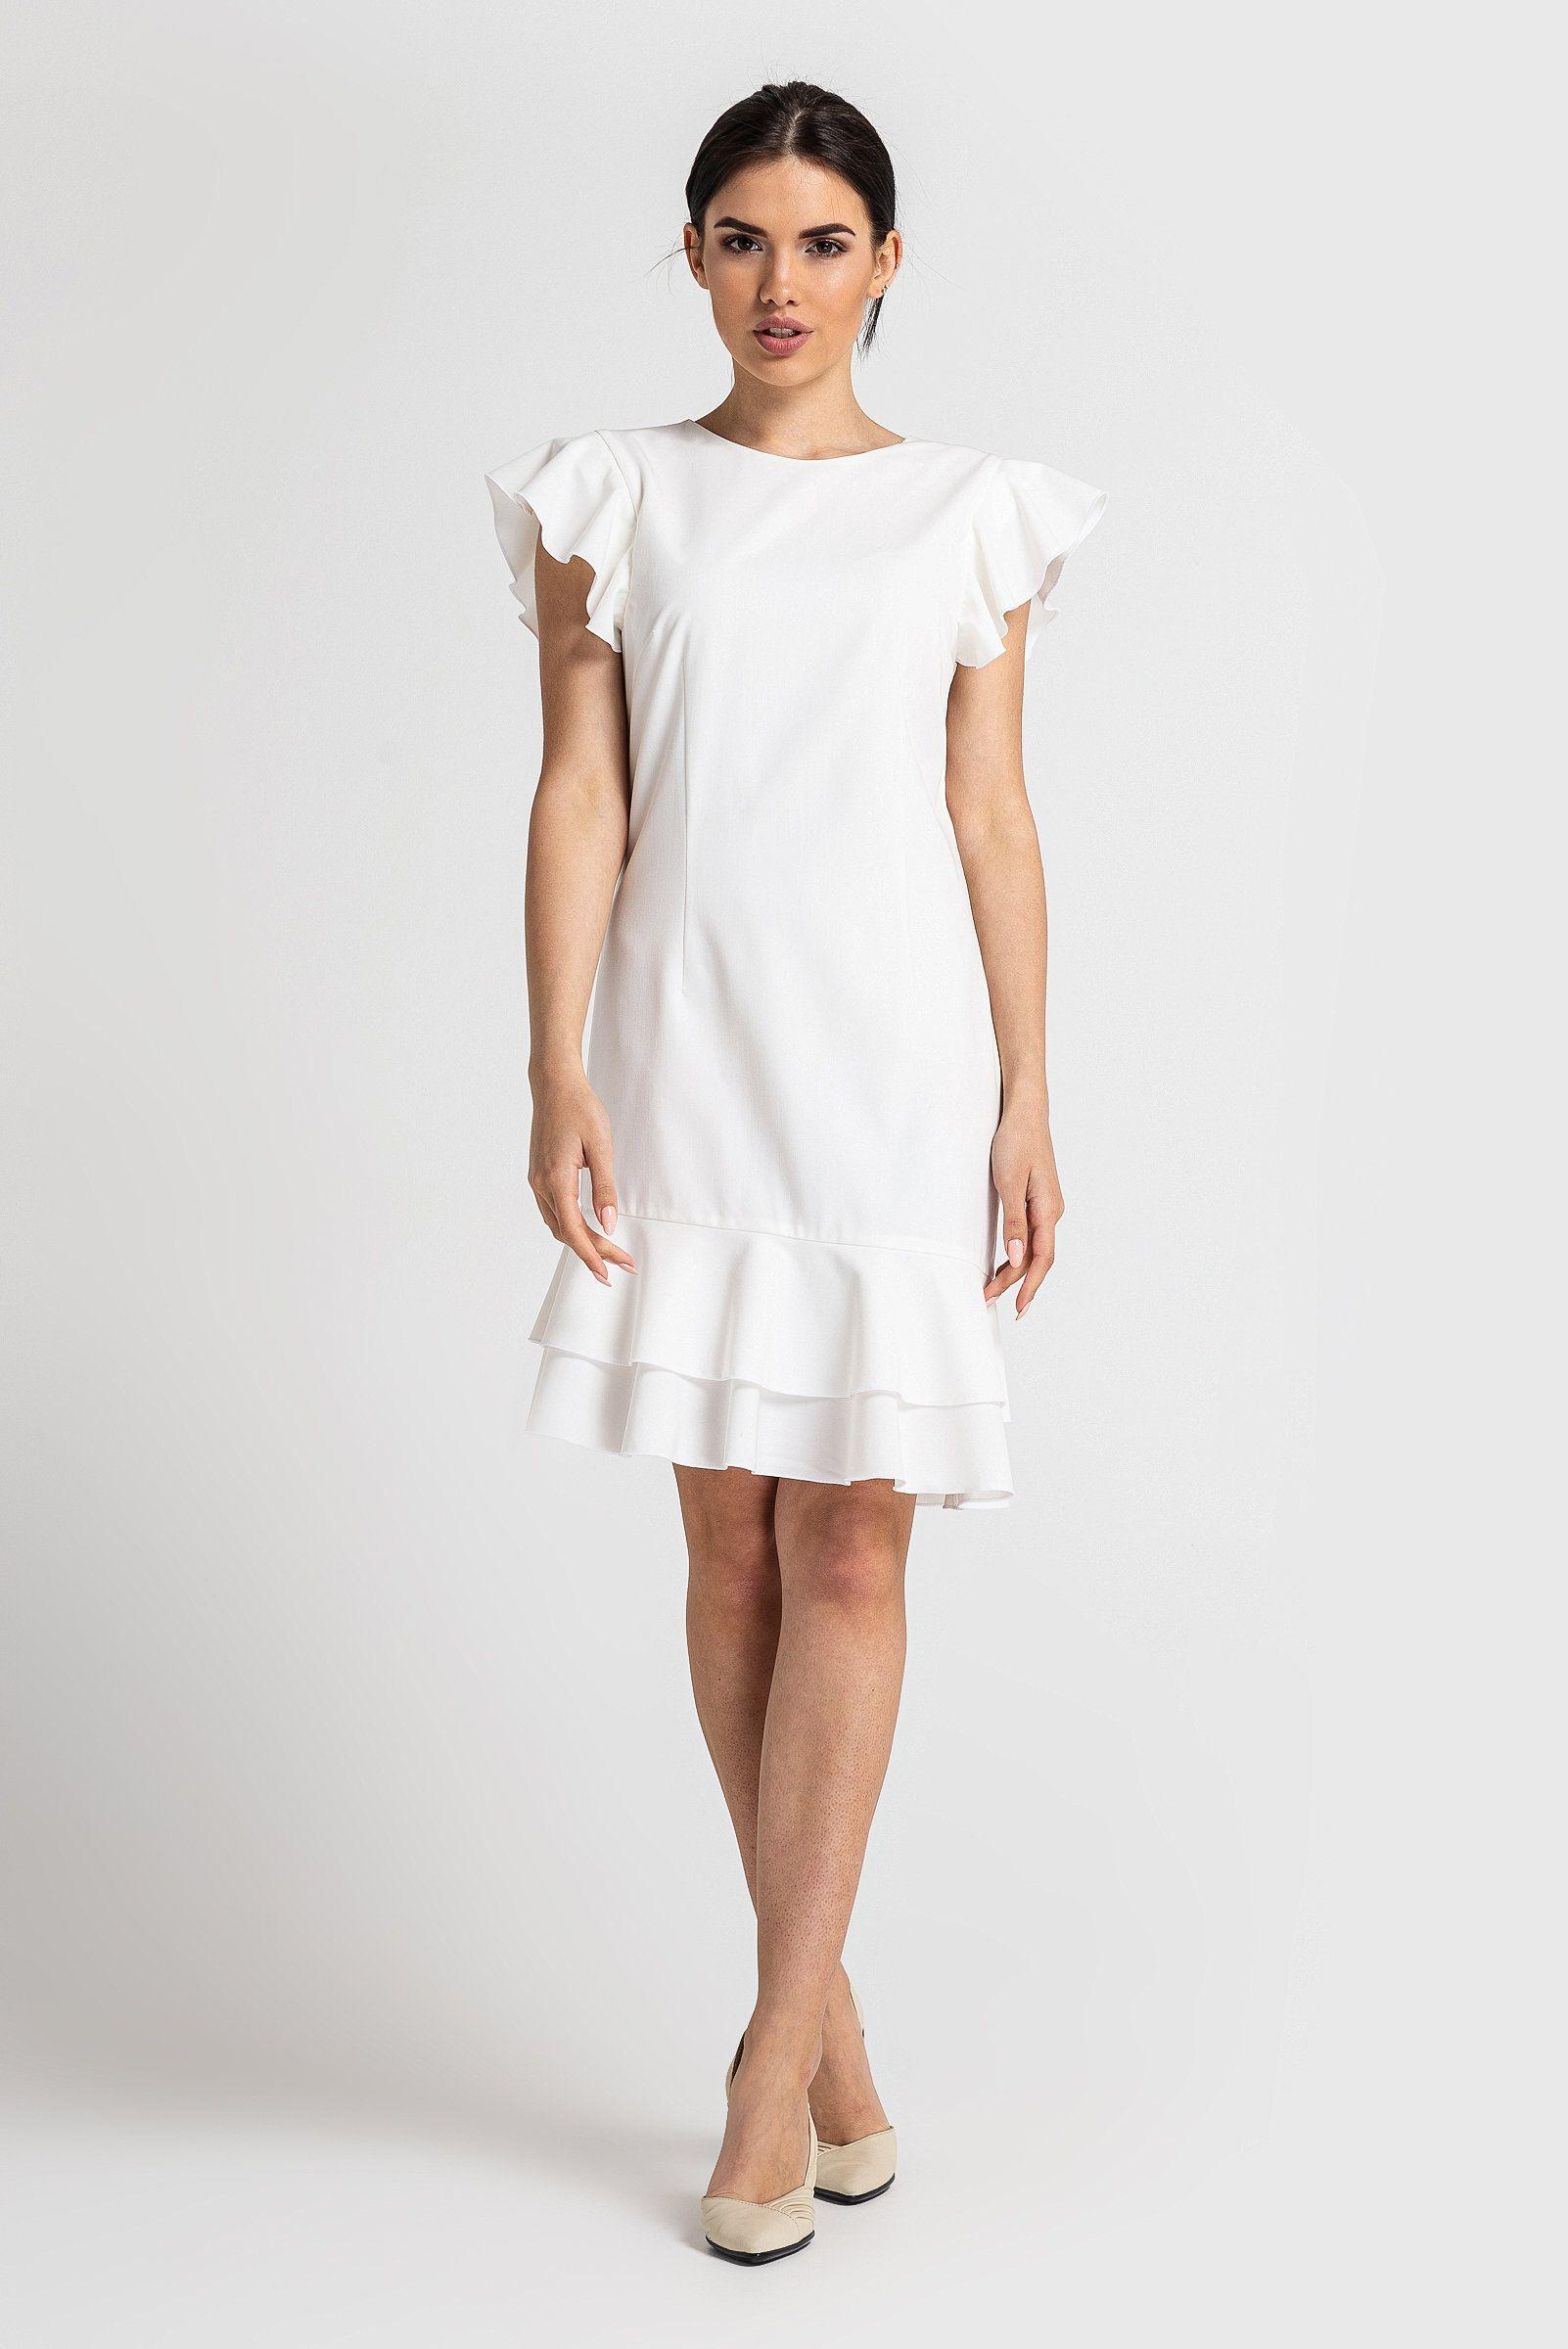 Elegant Sommerkleid Weiß für 201920 Schön Sommerkleid Weiß Stylish